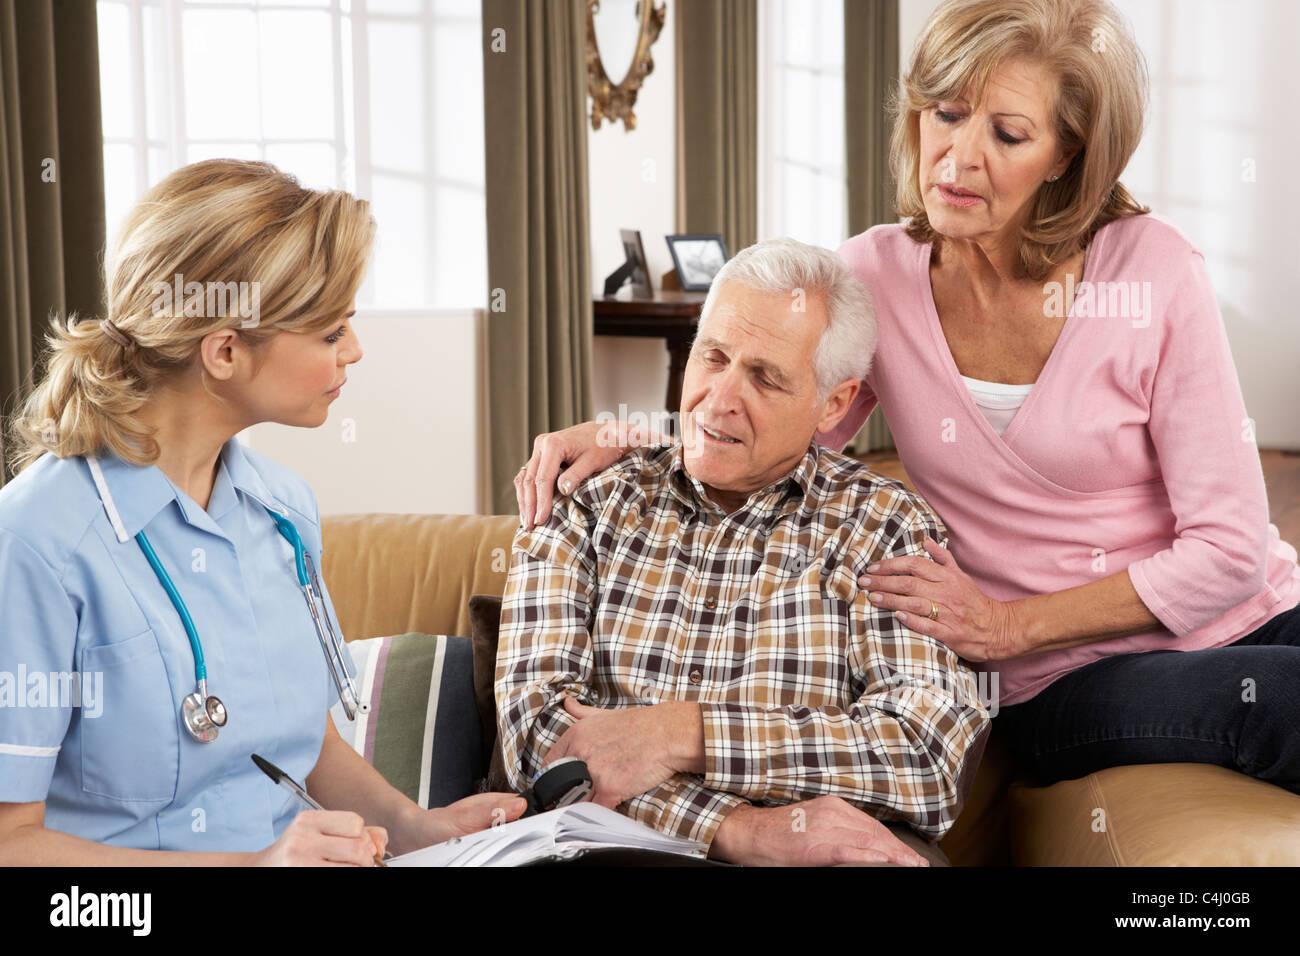 Älteres Paar im Gespräch mit Gesundheit Besucher zu Hause Stockbild